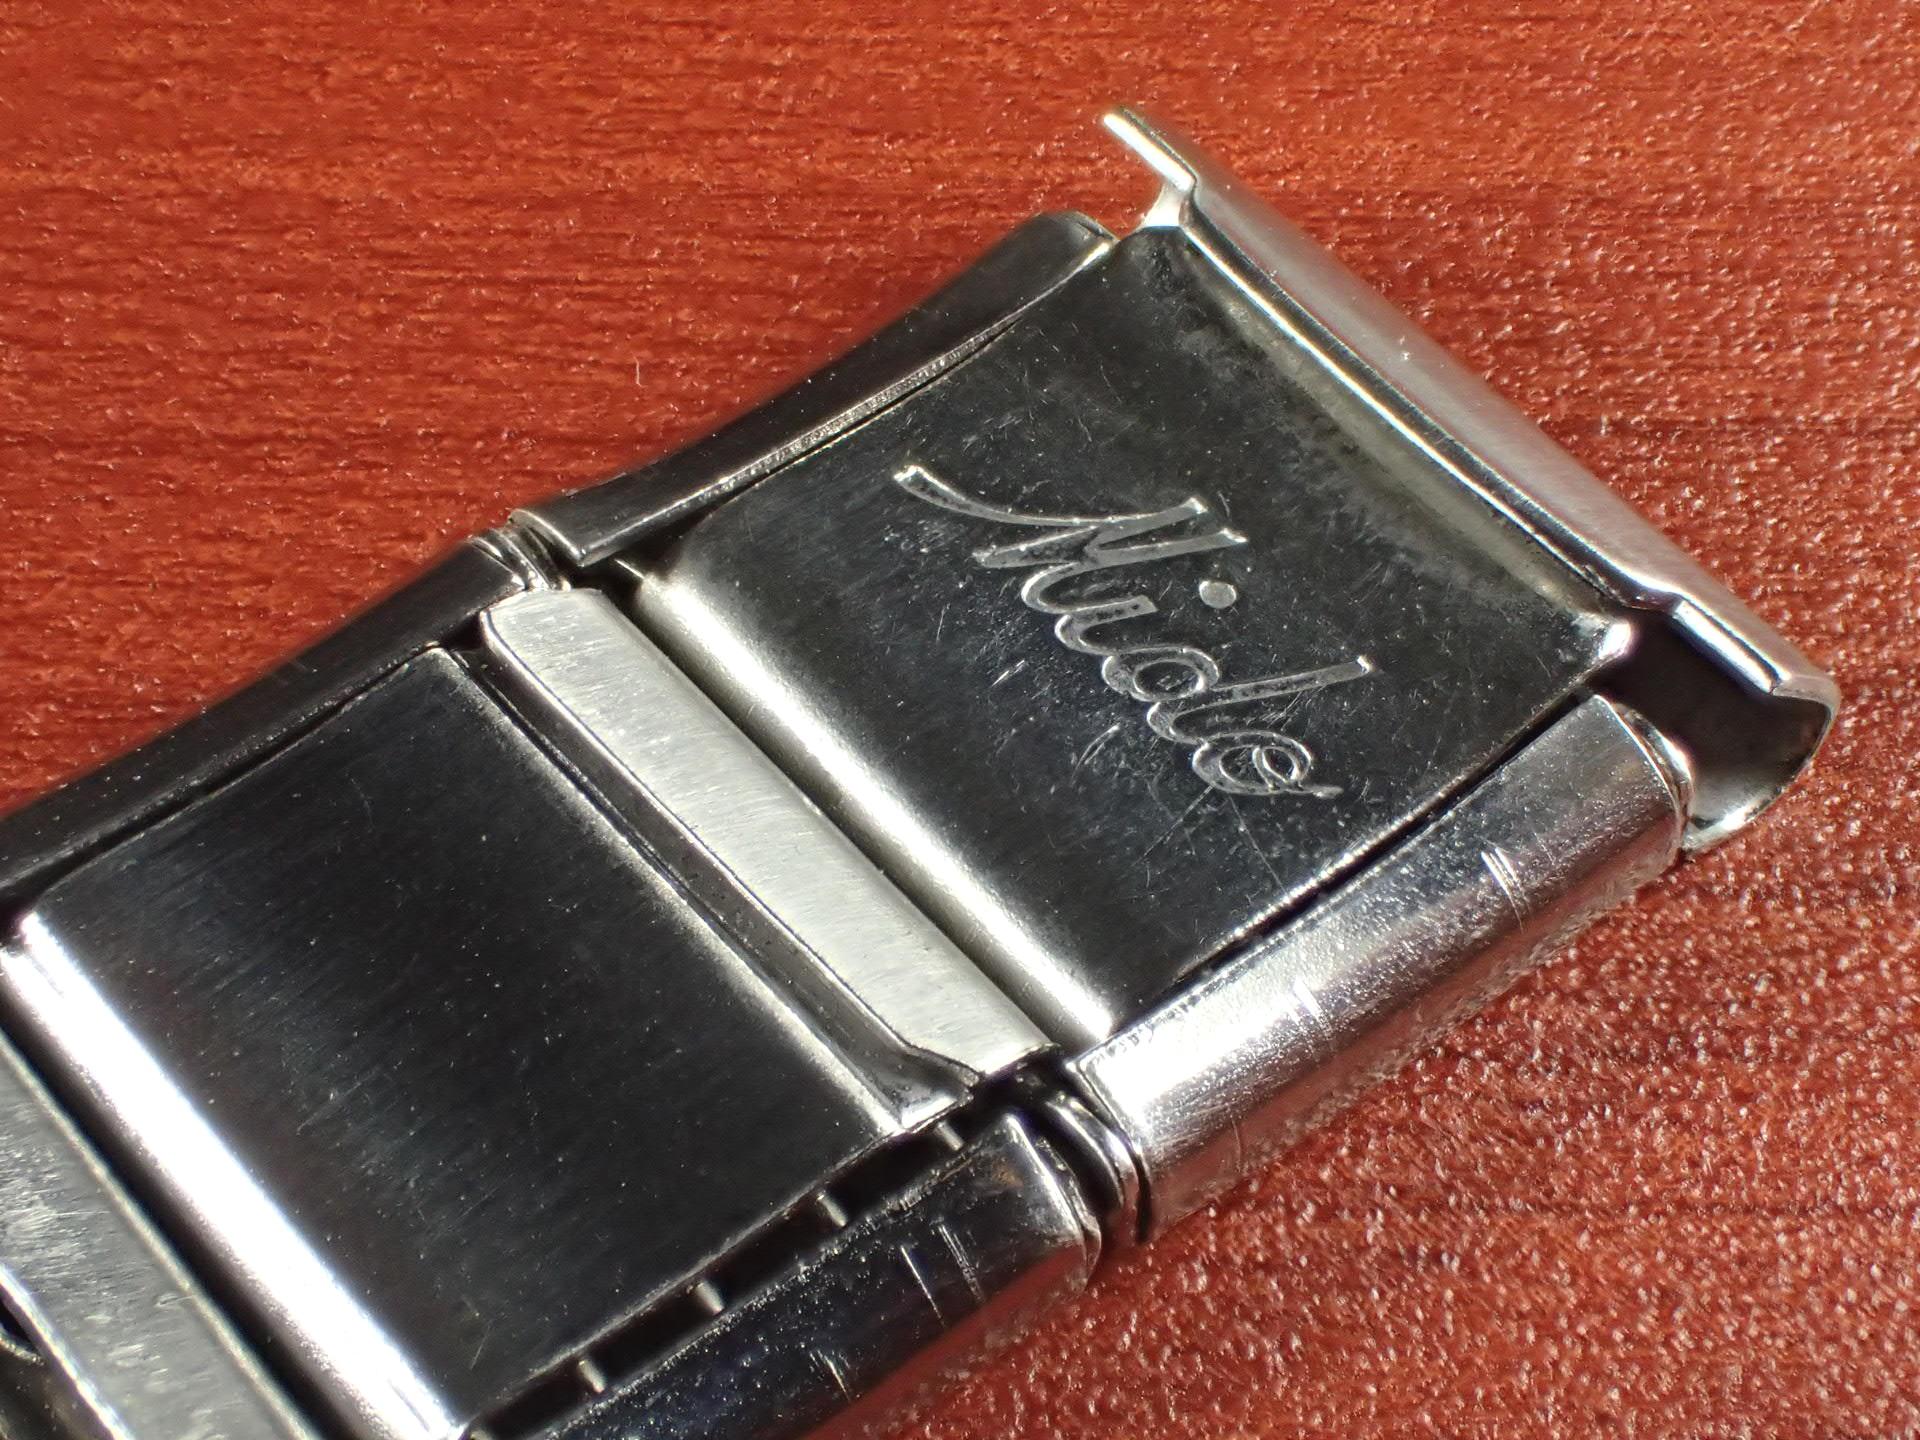 ミドー エクステンションブレスレット NOS 取付幅16mm SS 1950年代の写真3枚目